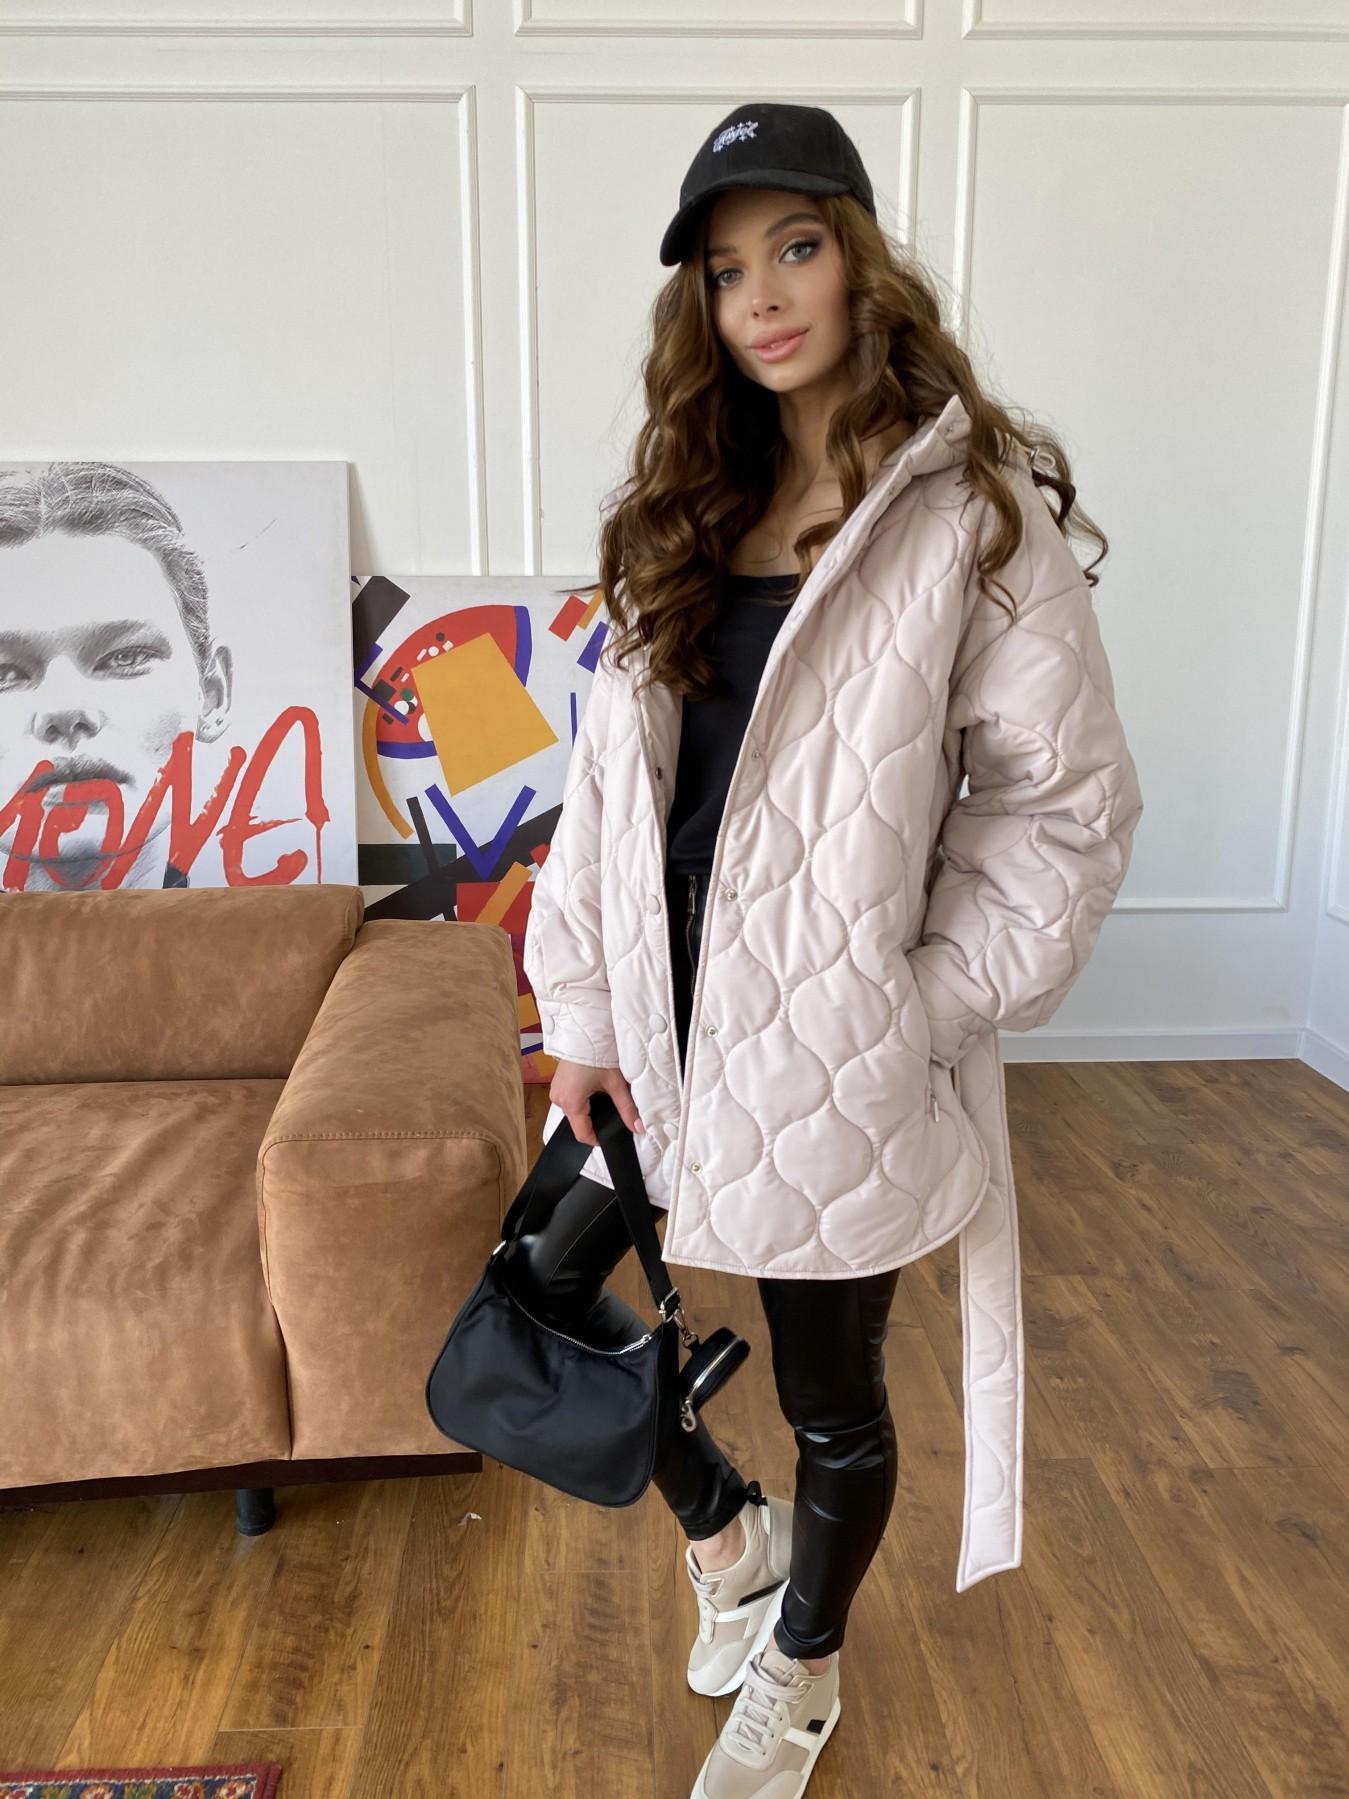 Пазл ЗИГЗАГ  стеганая куртка из плащевой ткани Ammy 10979 АРТ. 47471 Цвет: Бежевый 970 - фото 1, интернет магазин tm-modus.ru